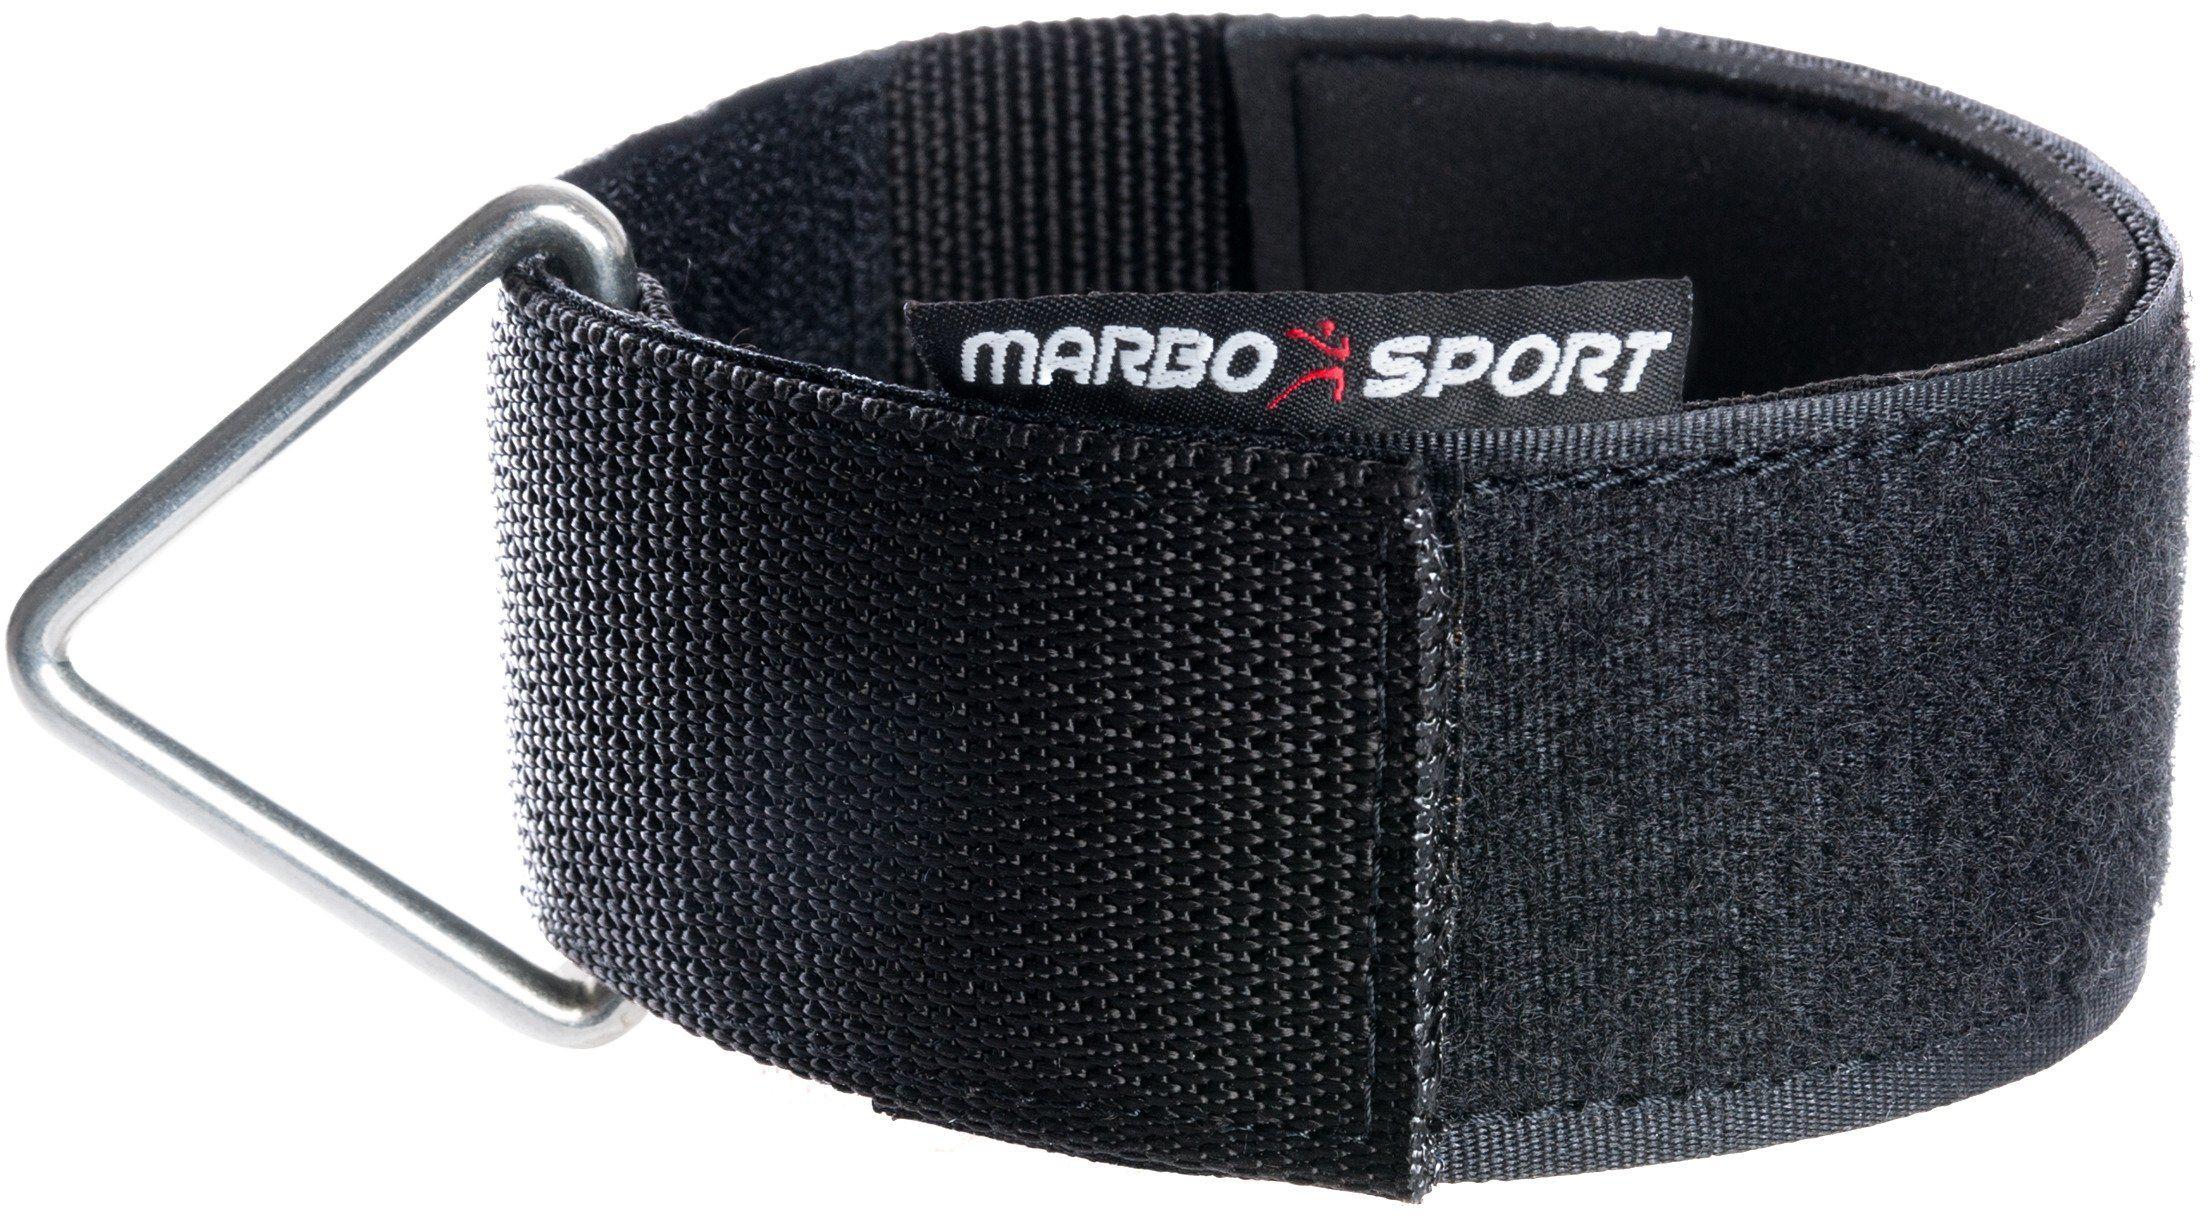 Opaska na kostkę do wyciągu MH-C207 - Marbo Sport